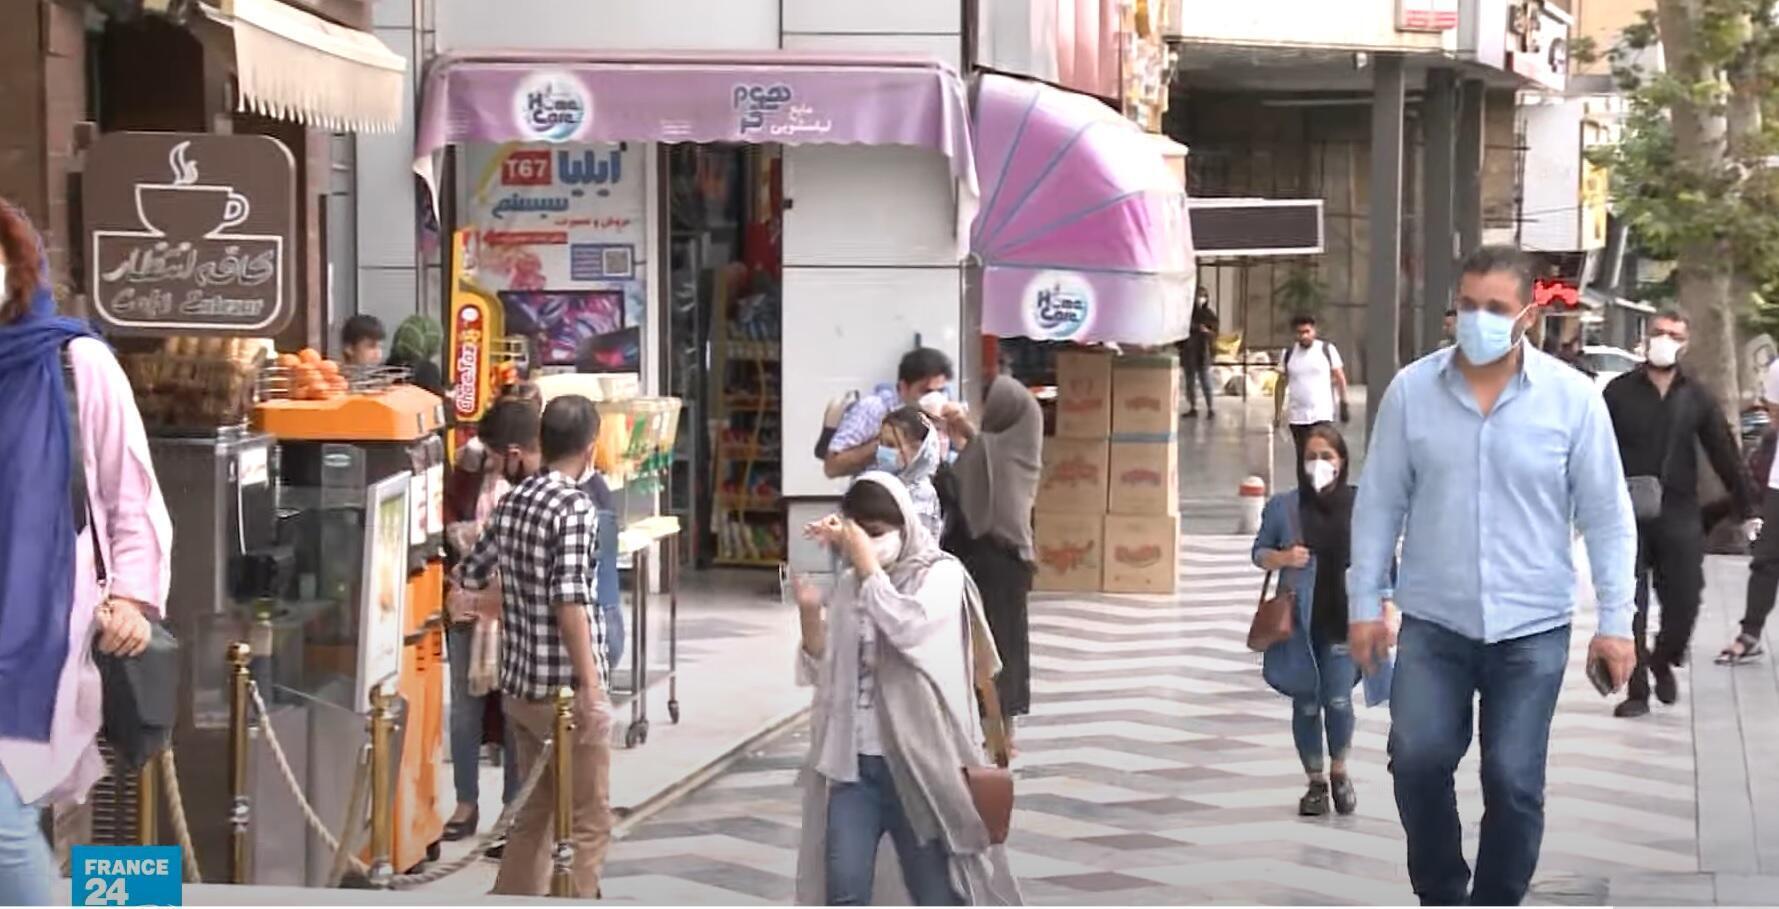 أعداد وفيات فيروس كورونا في إيران تزداد والإصابات تتصاعد في صفوف الشباب والأطفال بشكل مخيف